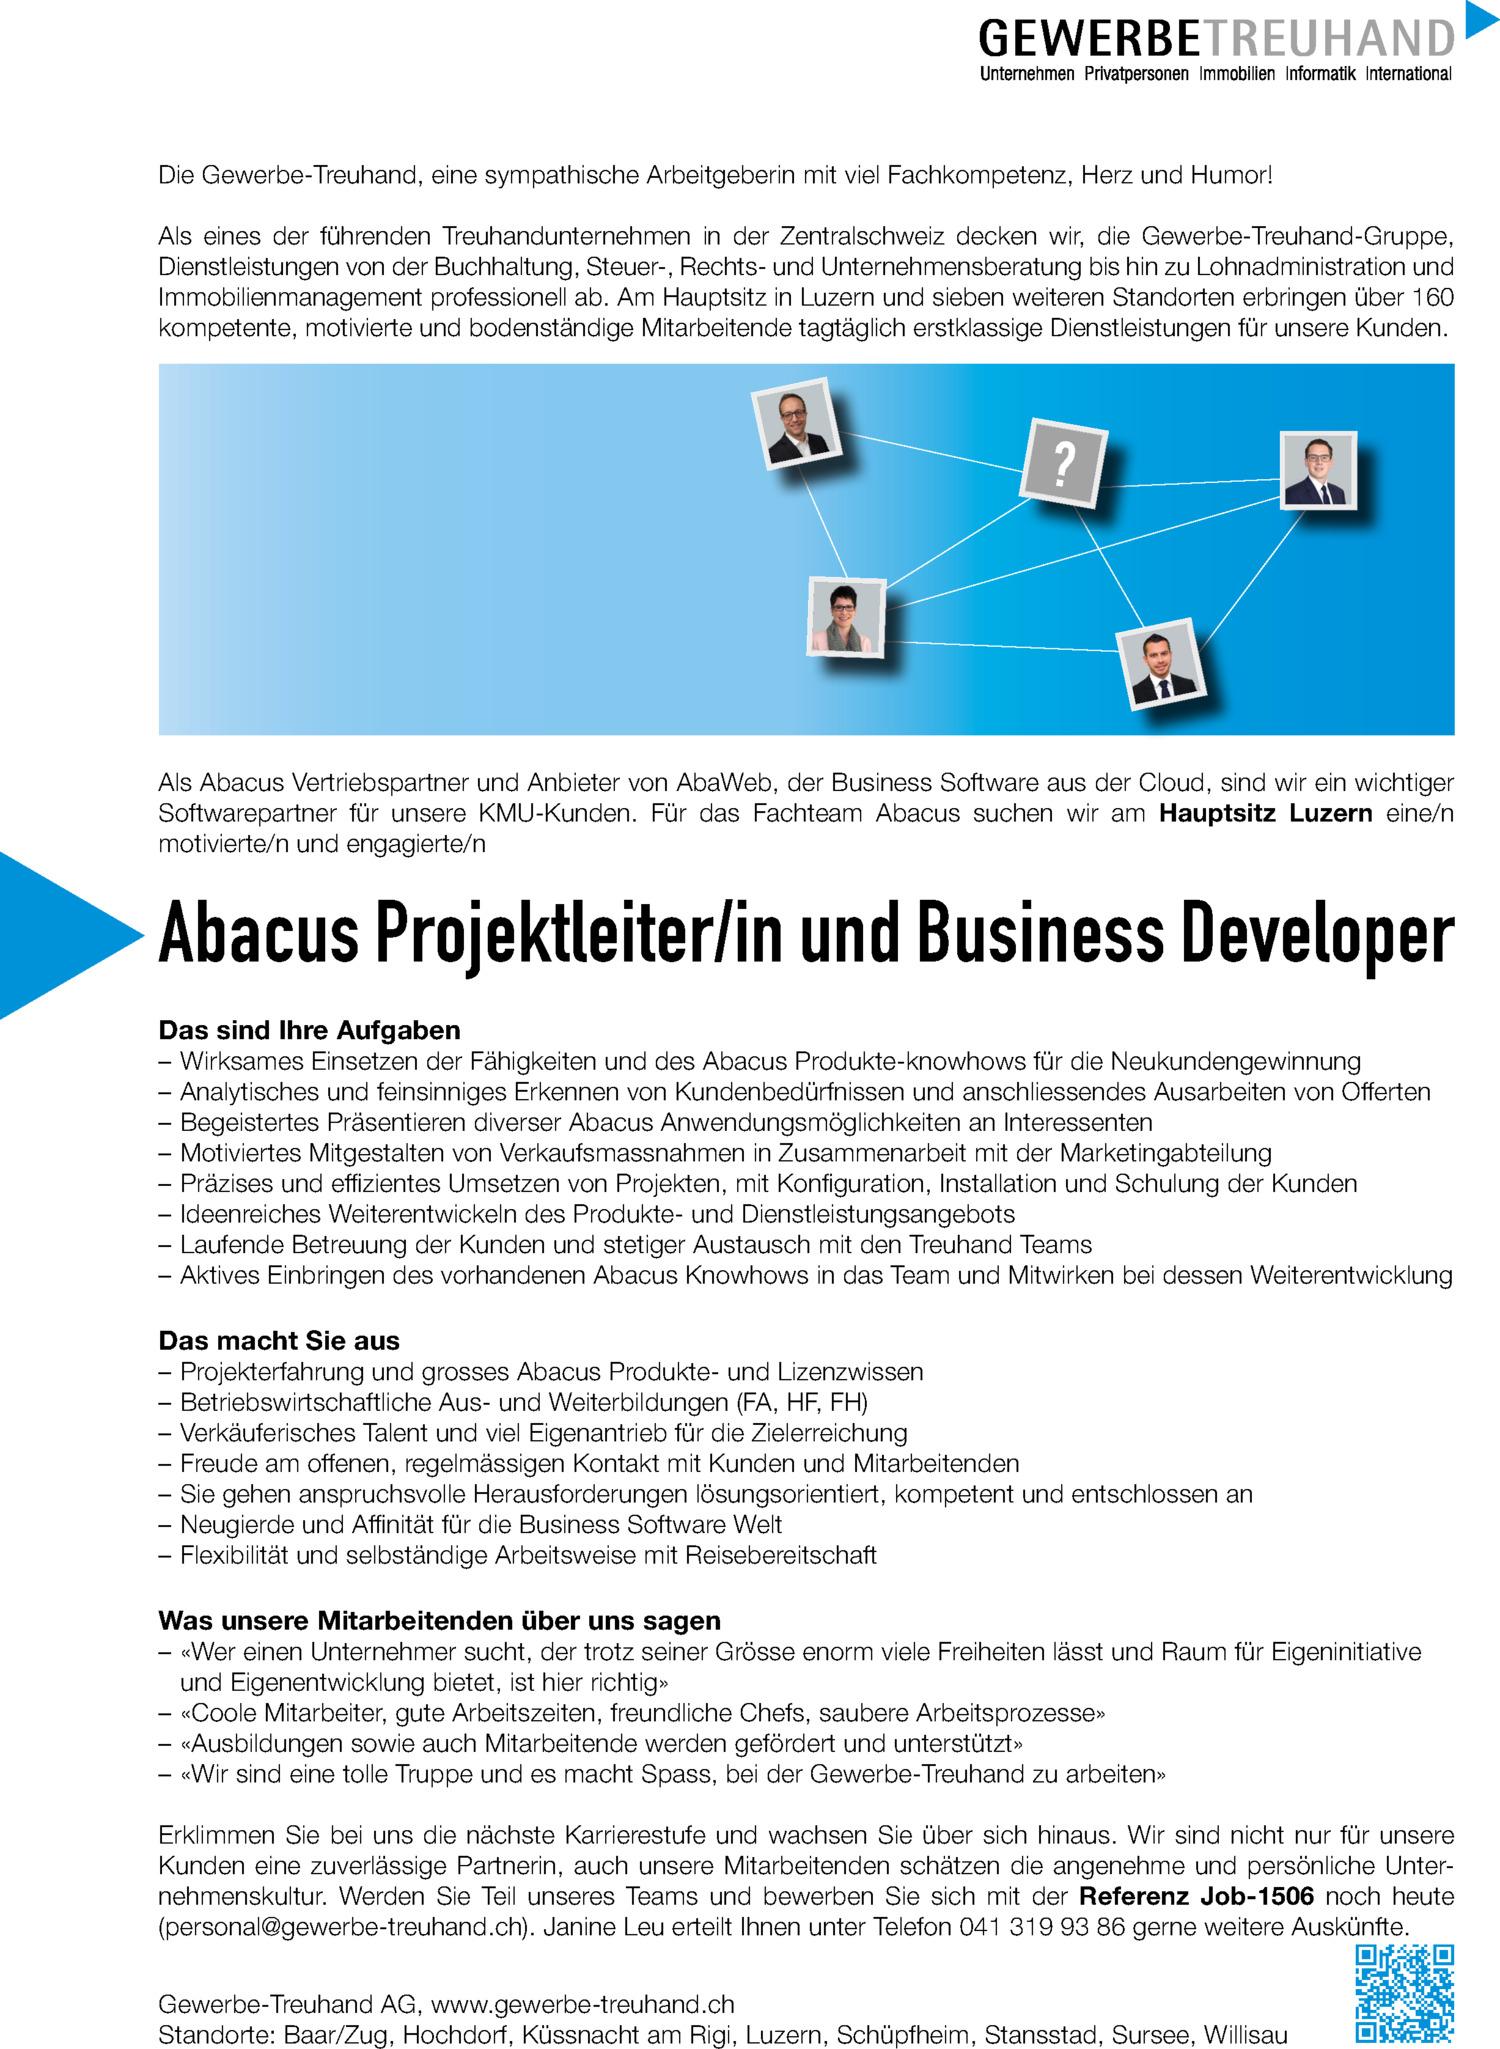 Inserat Abacus Projektleiter/in und Business Developer